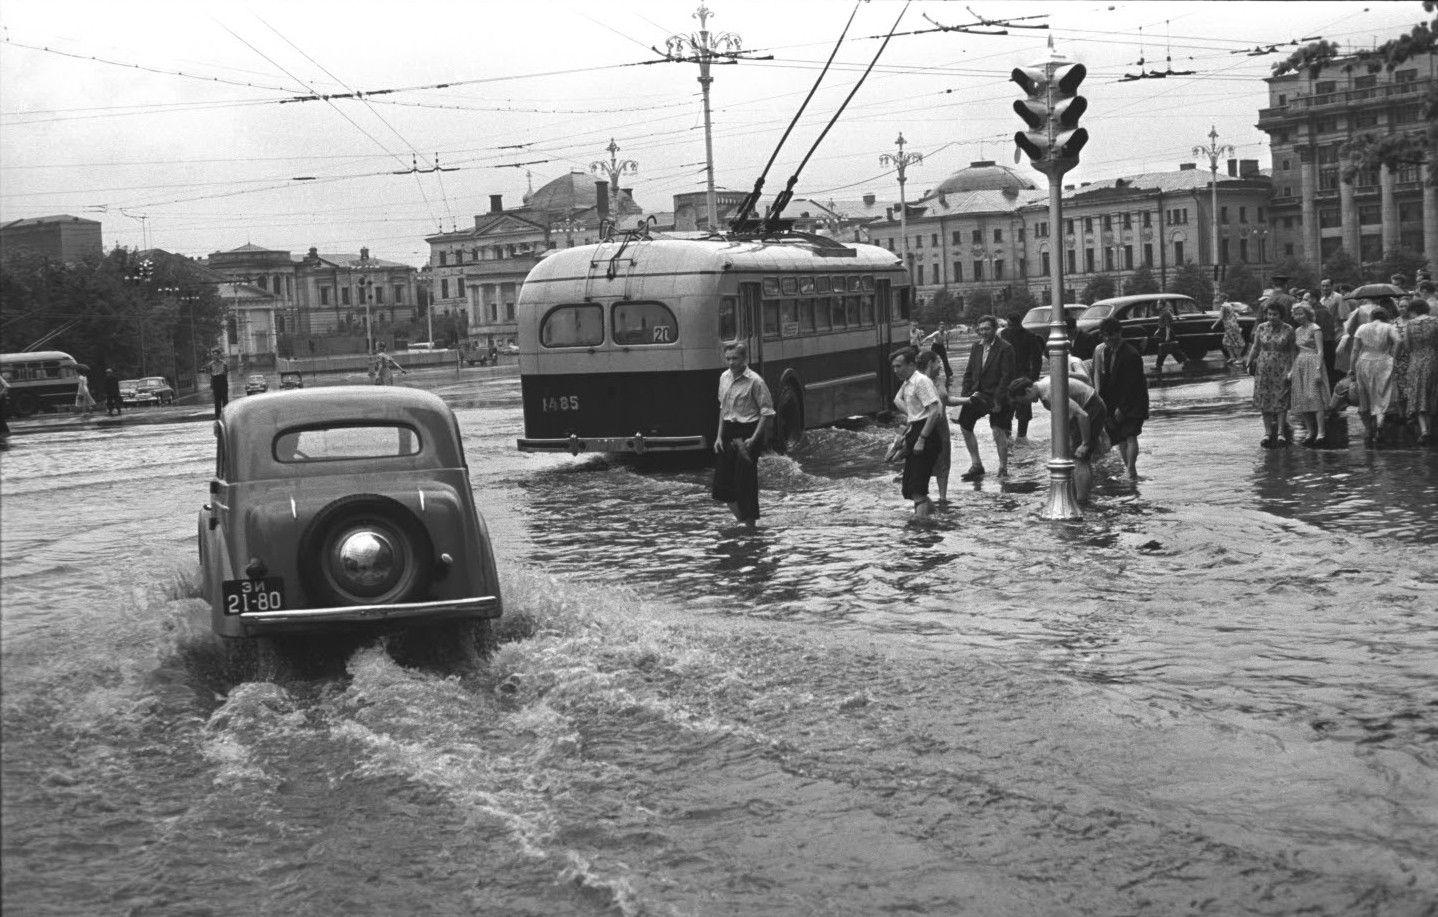 1950-е. После дождя. Угол Манежной площади и Охотного ряда. Манежная площадь